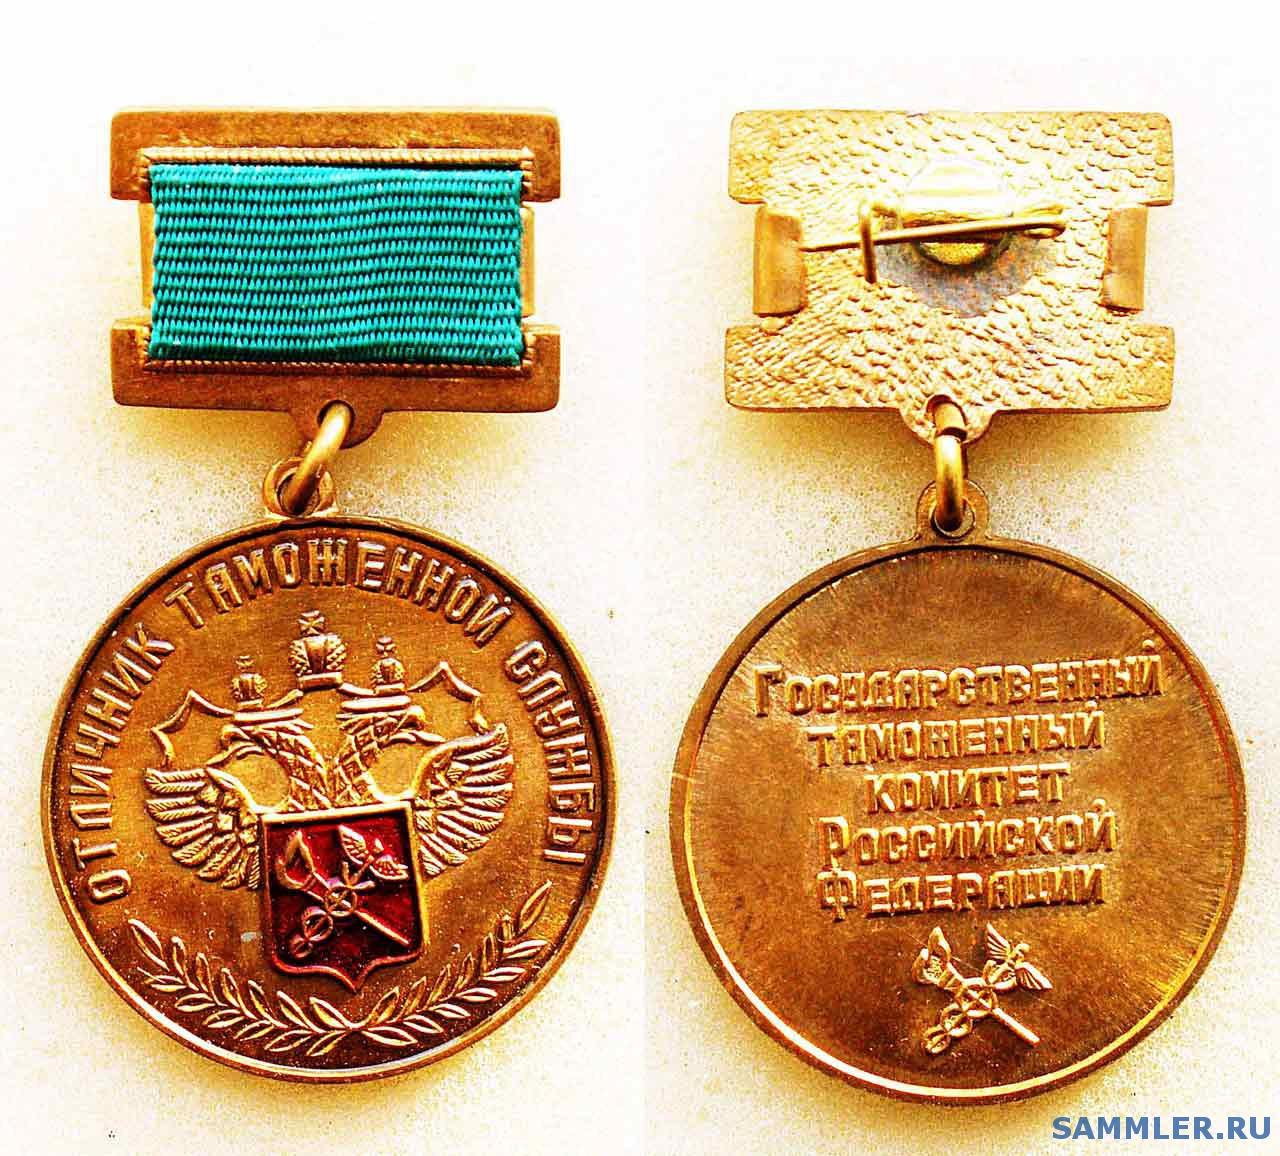 Медаль_Отличник_таможенной_службы.jpg